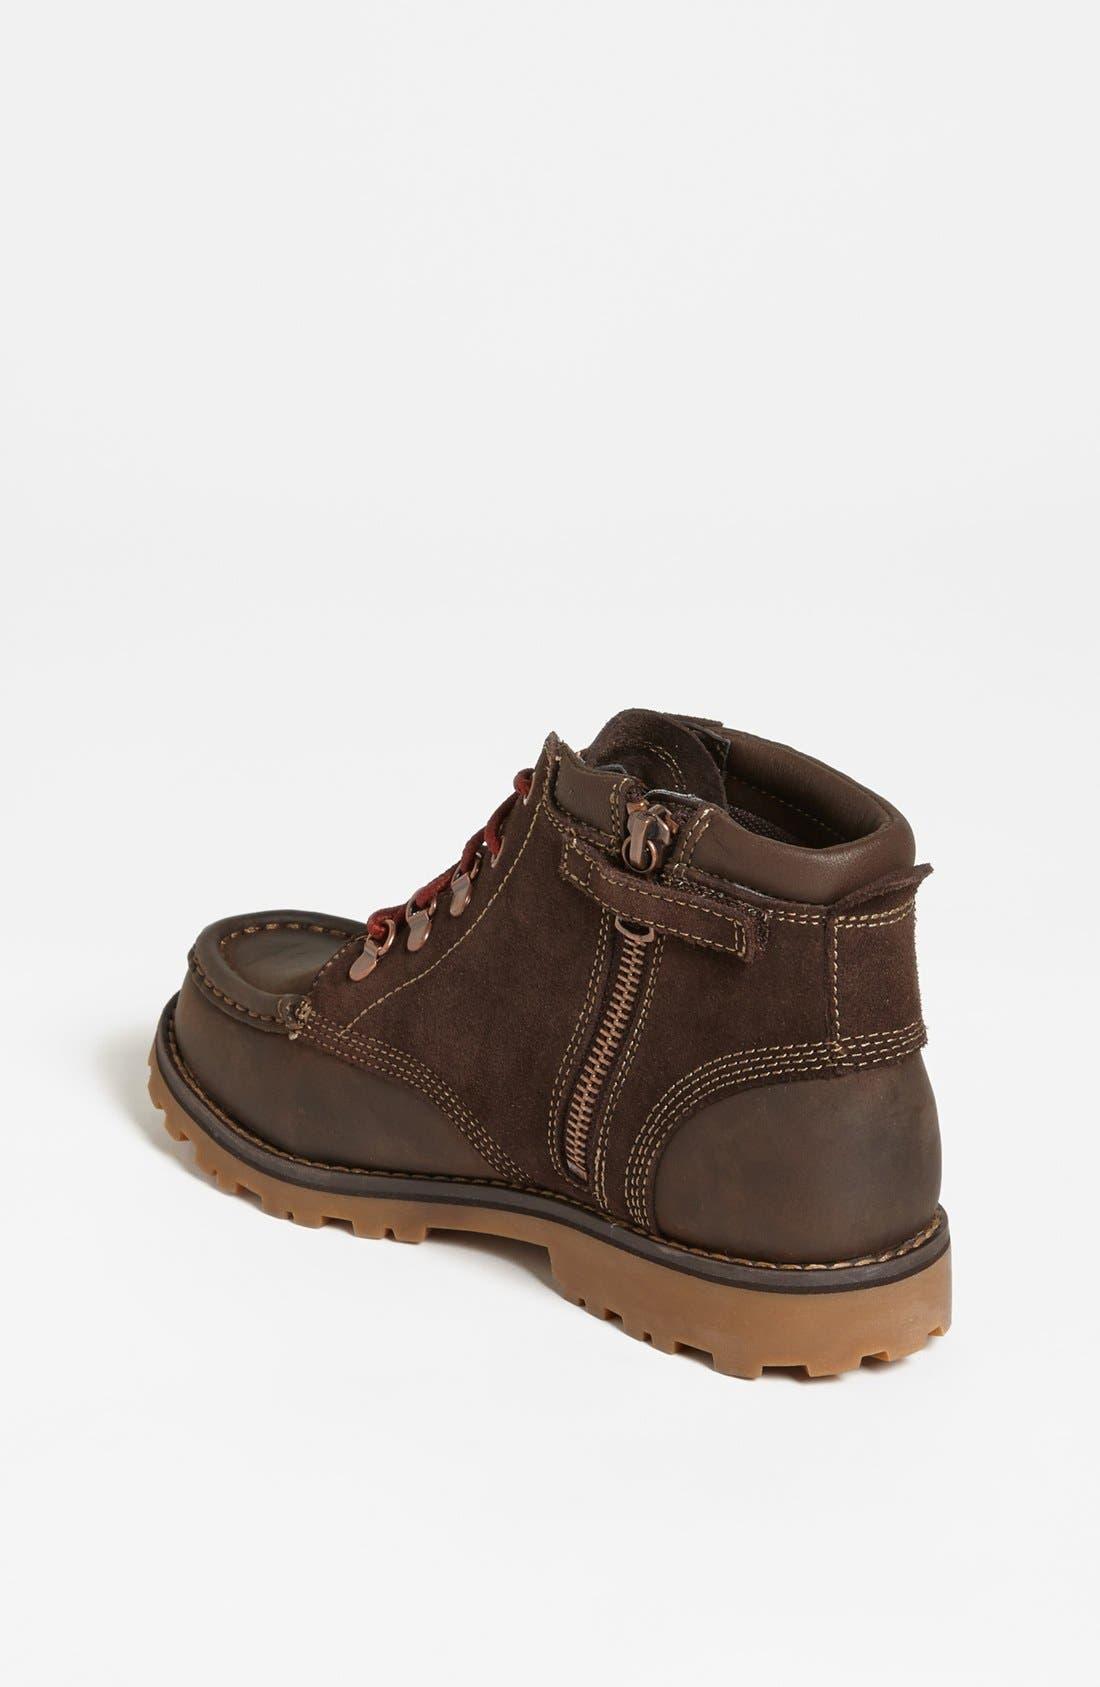 Alternate Image 2  - Timberland Earthkeepers® 'Asphalt' Boot (Little Kid & Big Kid)